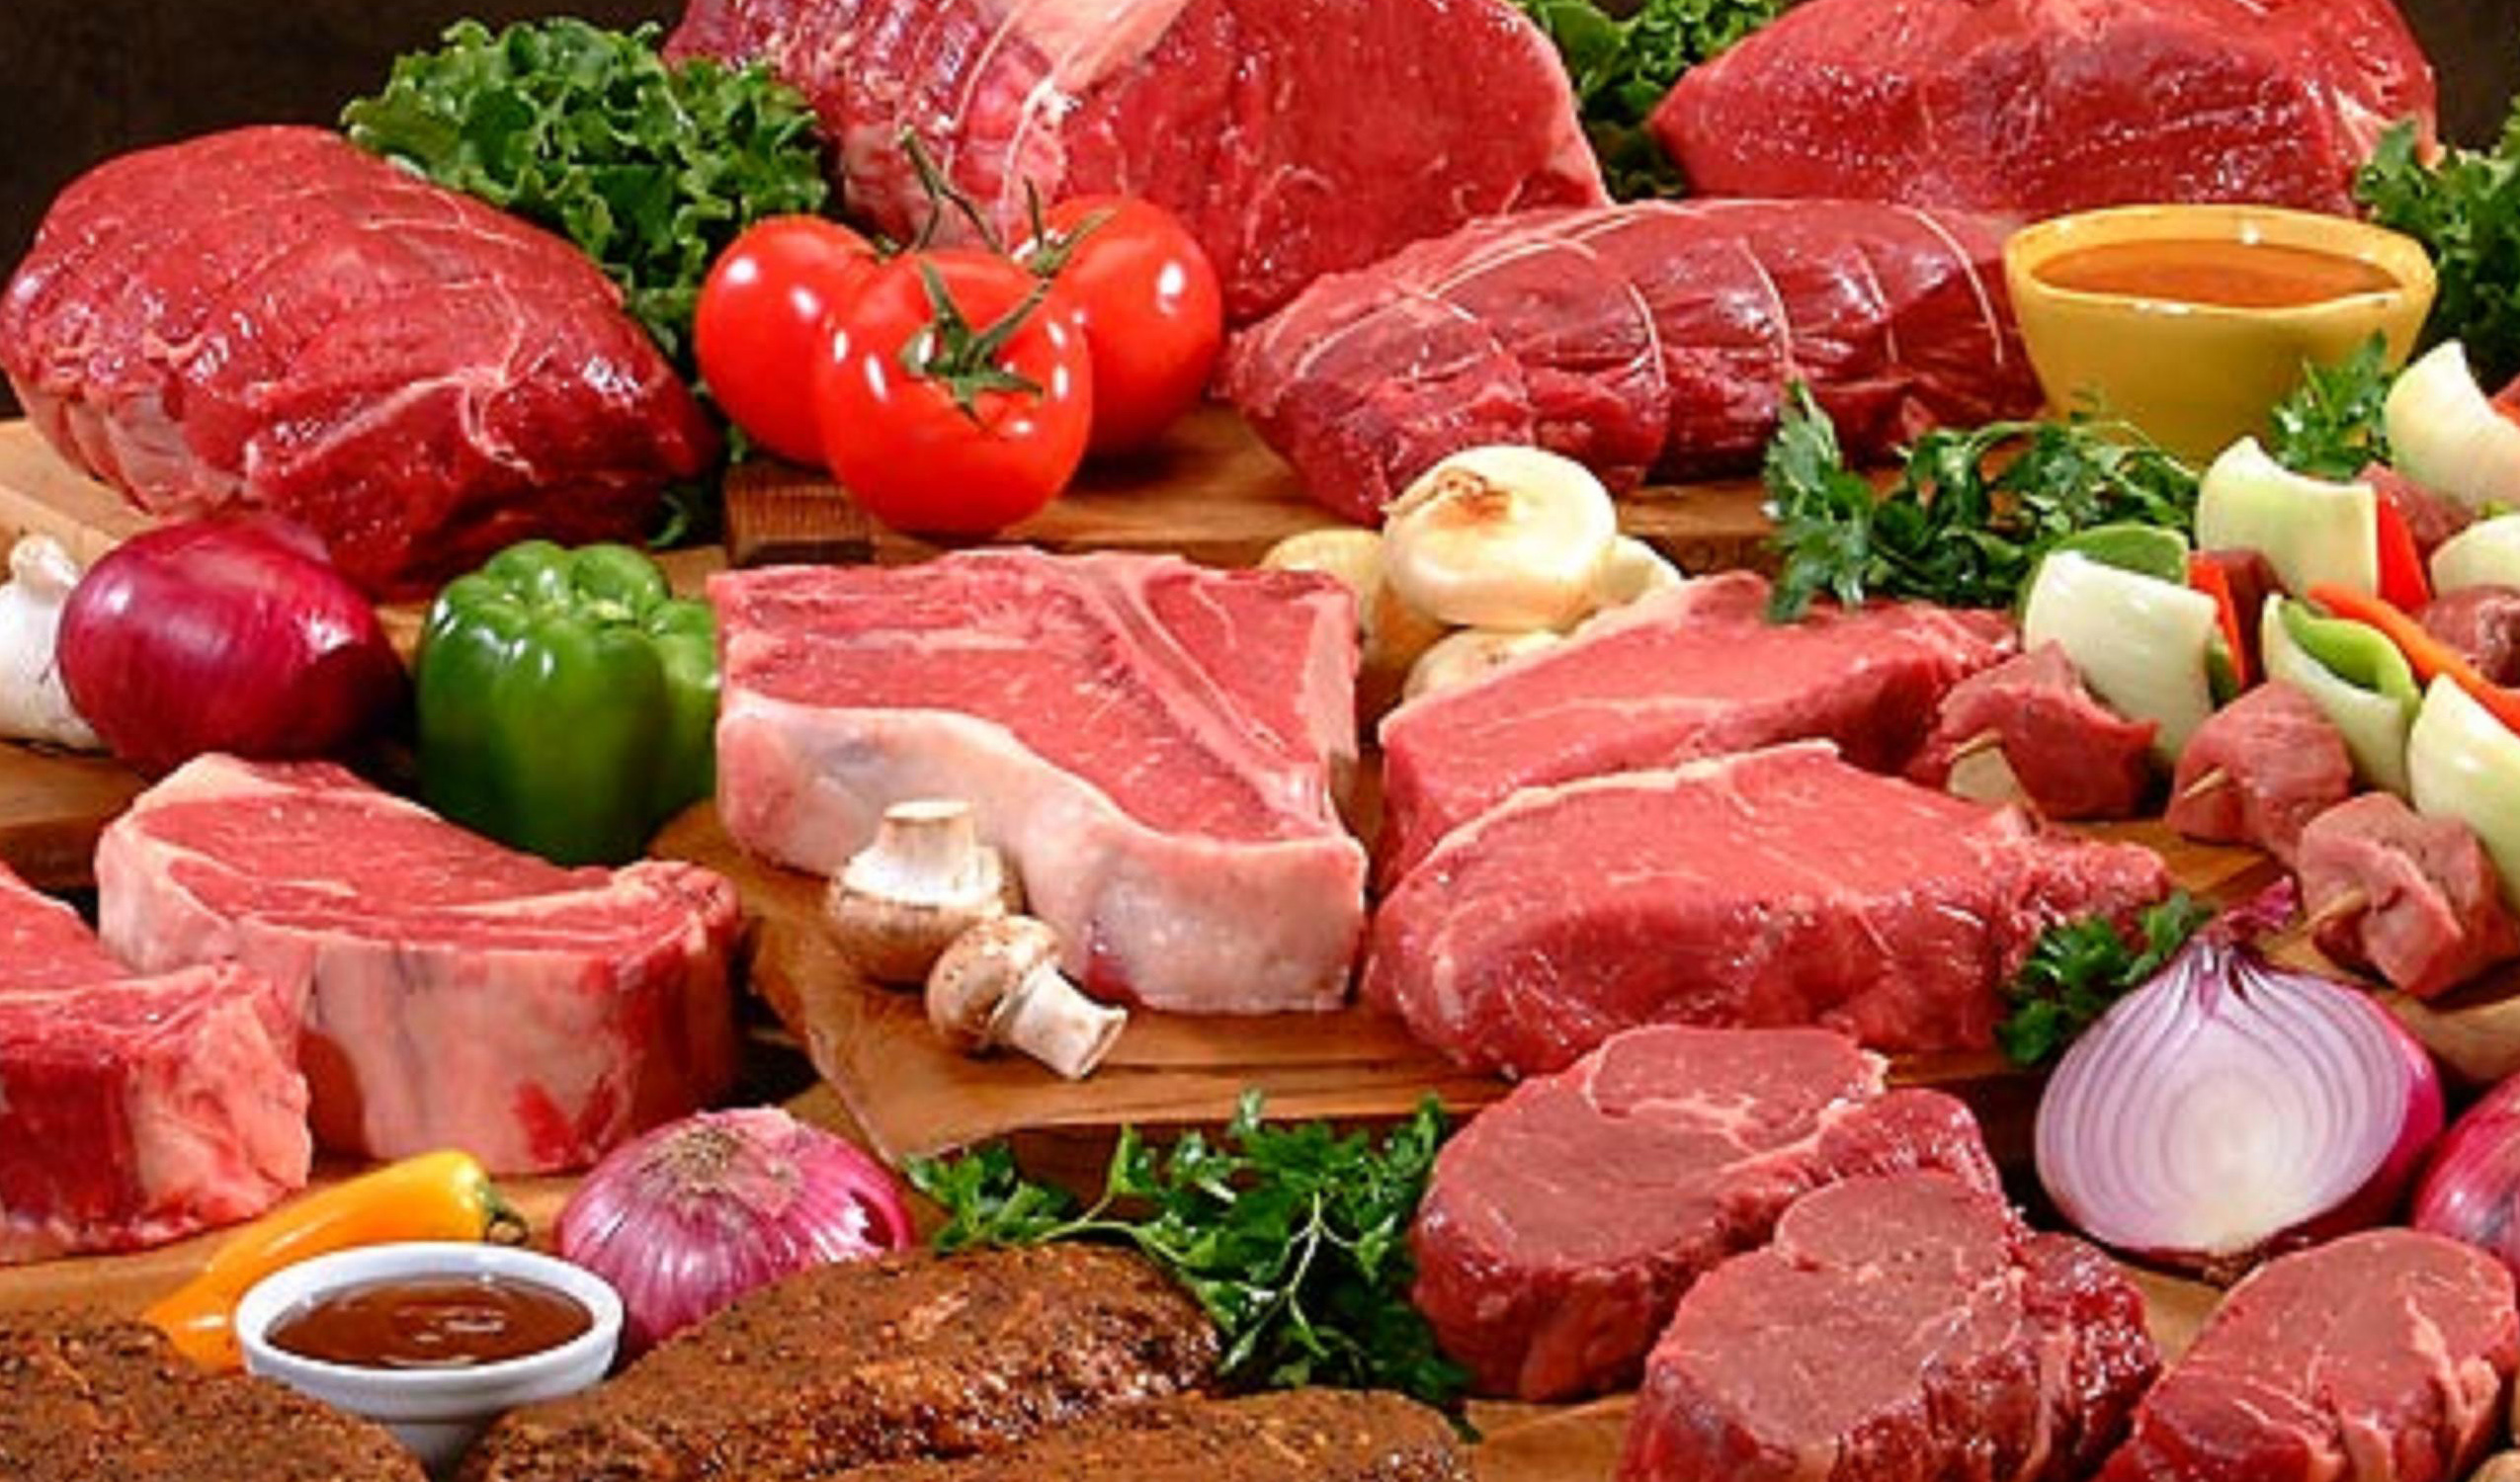 کاهش 40 درصدی قیمت گوشت قرمز پس از حذف ارز 4200/ تولید داخل جایگزین گوشت وارداتی شد